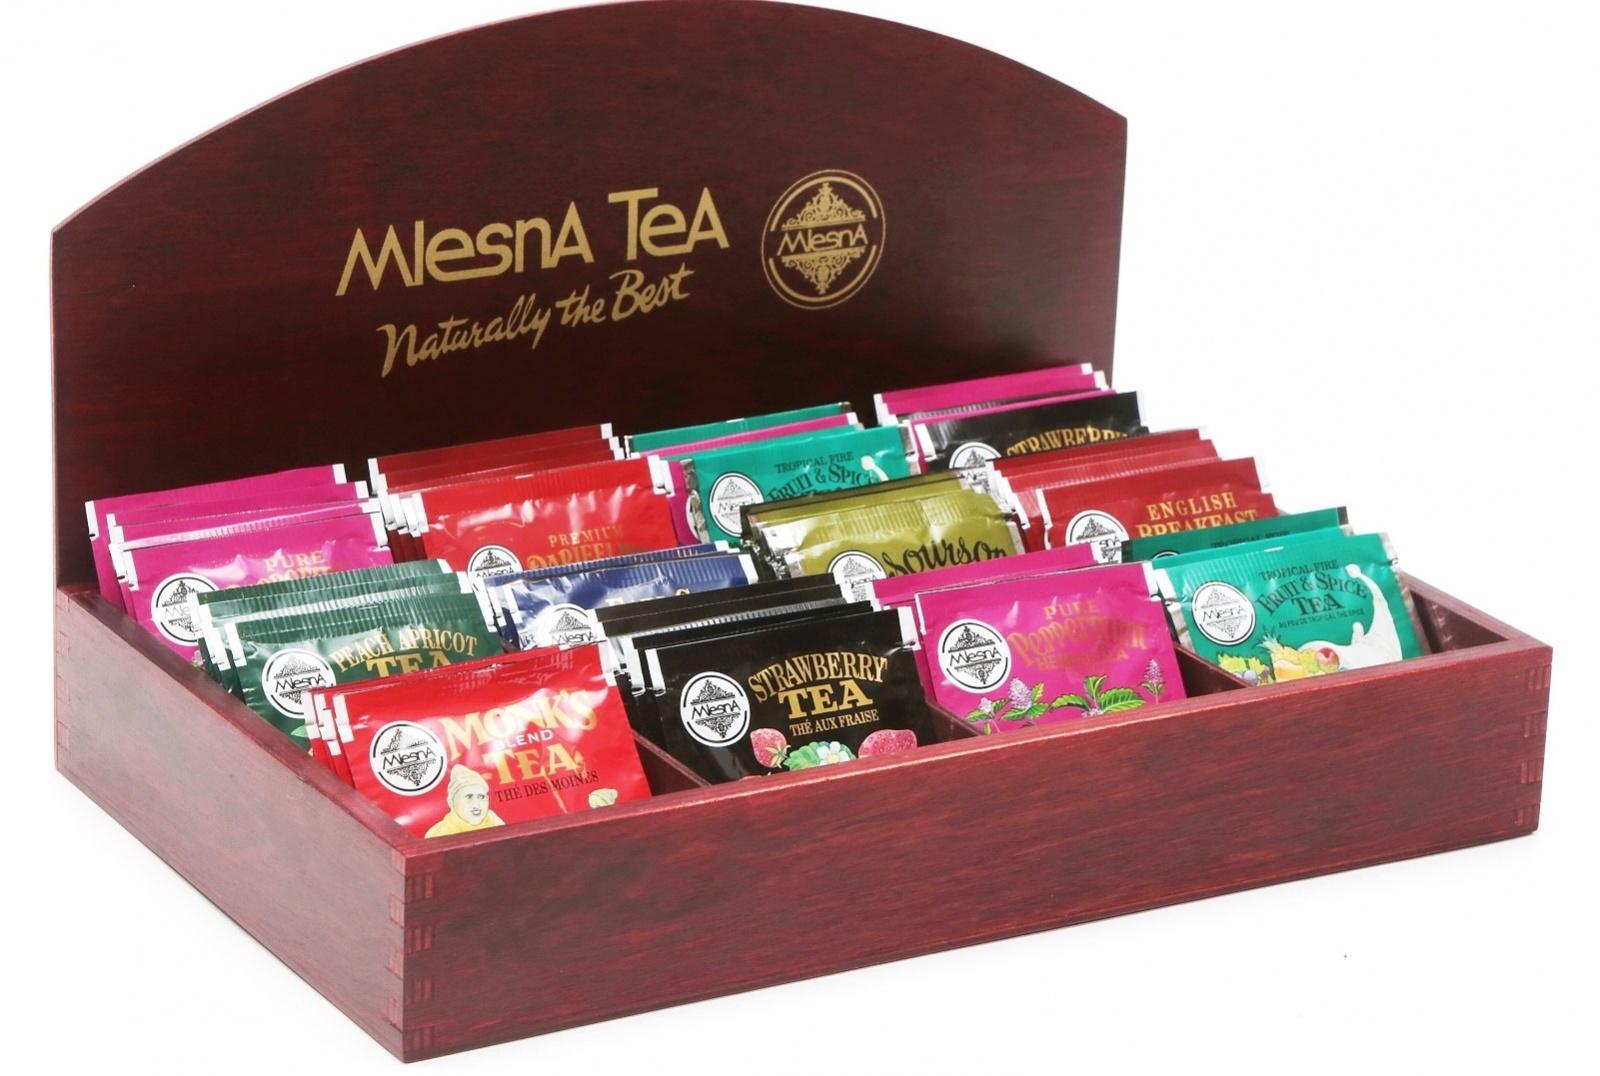 Čaje Mlesna Gastro kazeta - balení sáčkových čajů Mlesna, Entela s.r.o. pravý čaj z Cejlonu